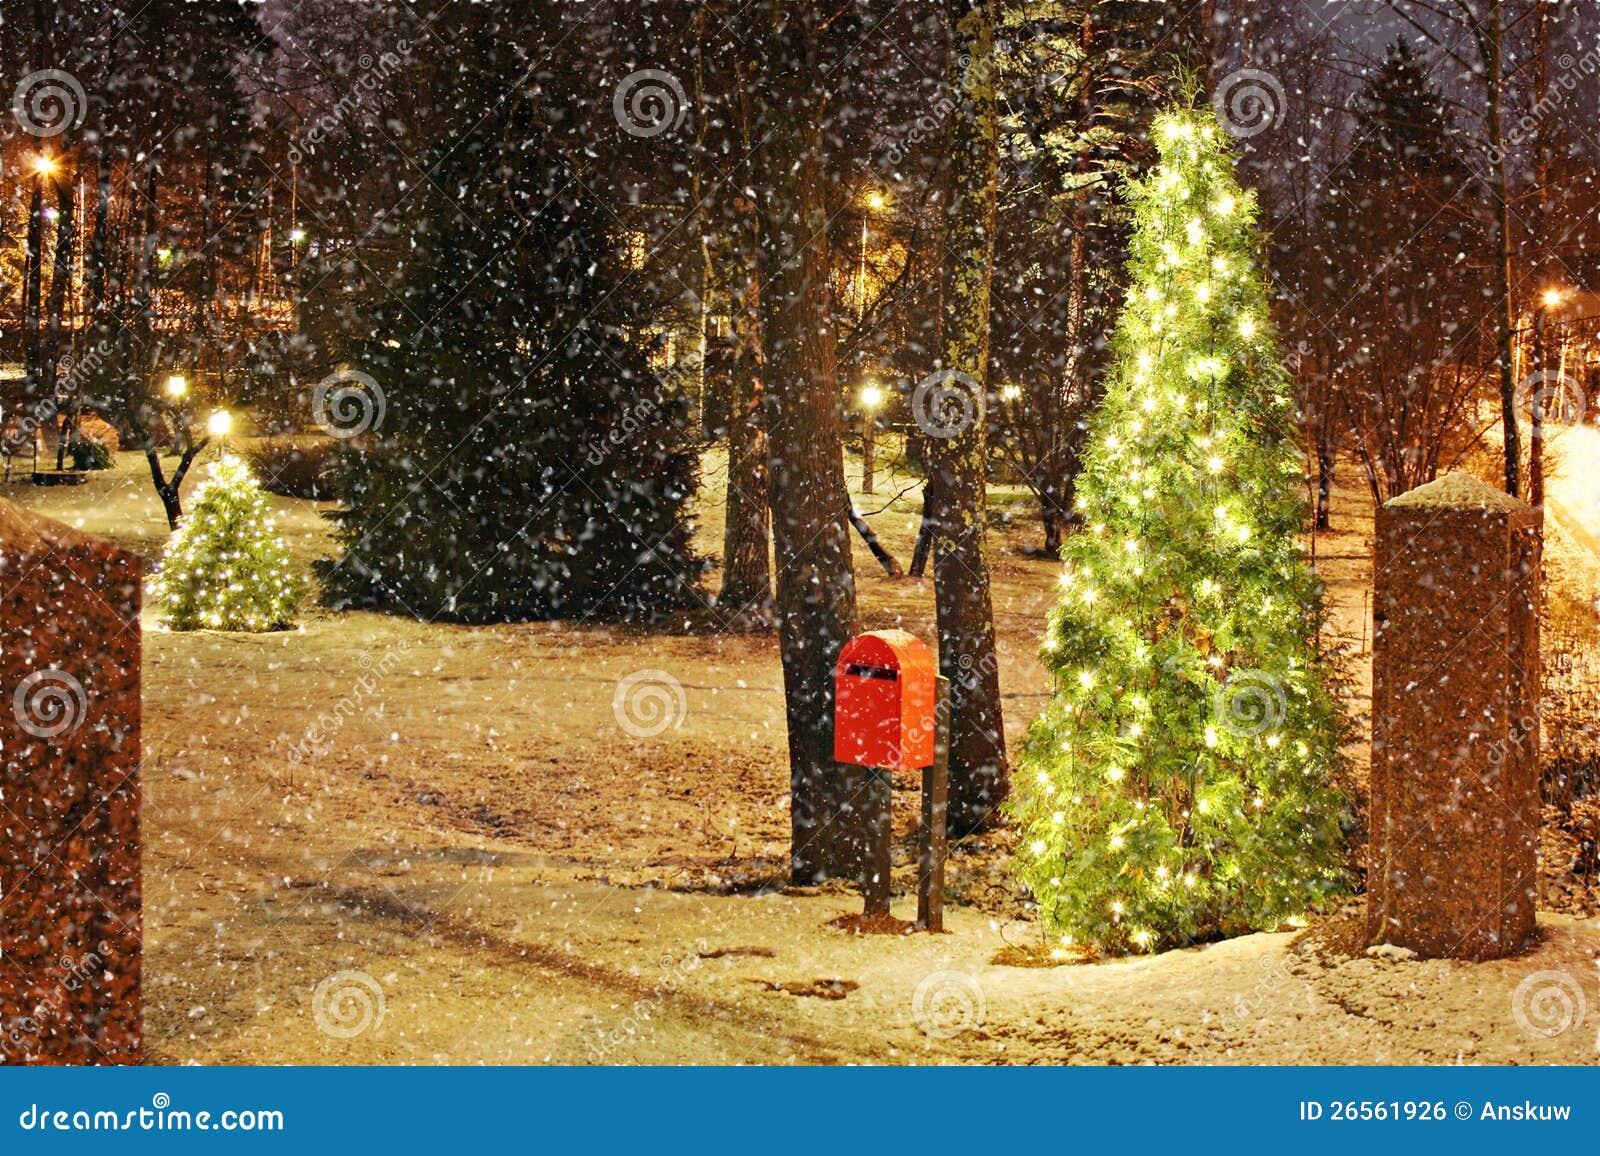 Weihnachtsbaum Mit Leuchten Stockfoto - Bild von nacht, kalt: 26561926